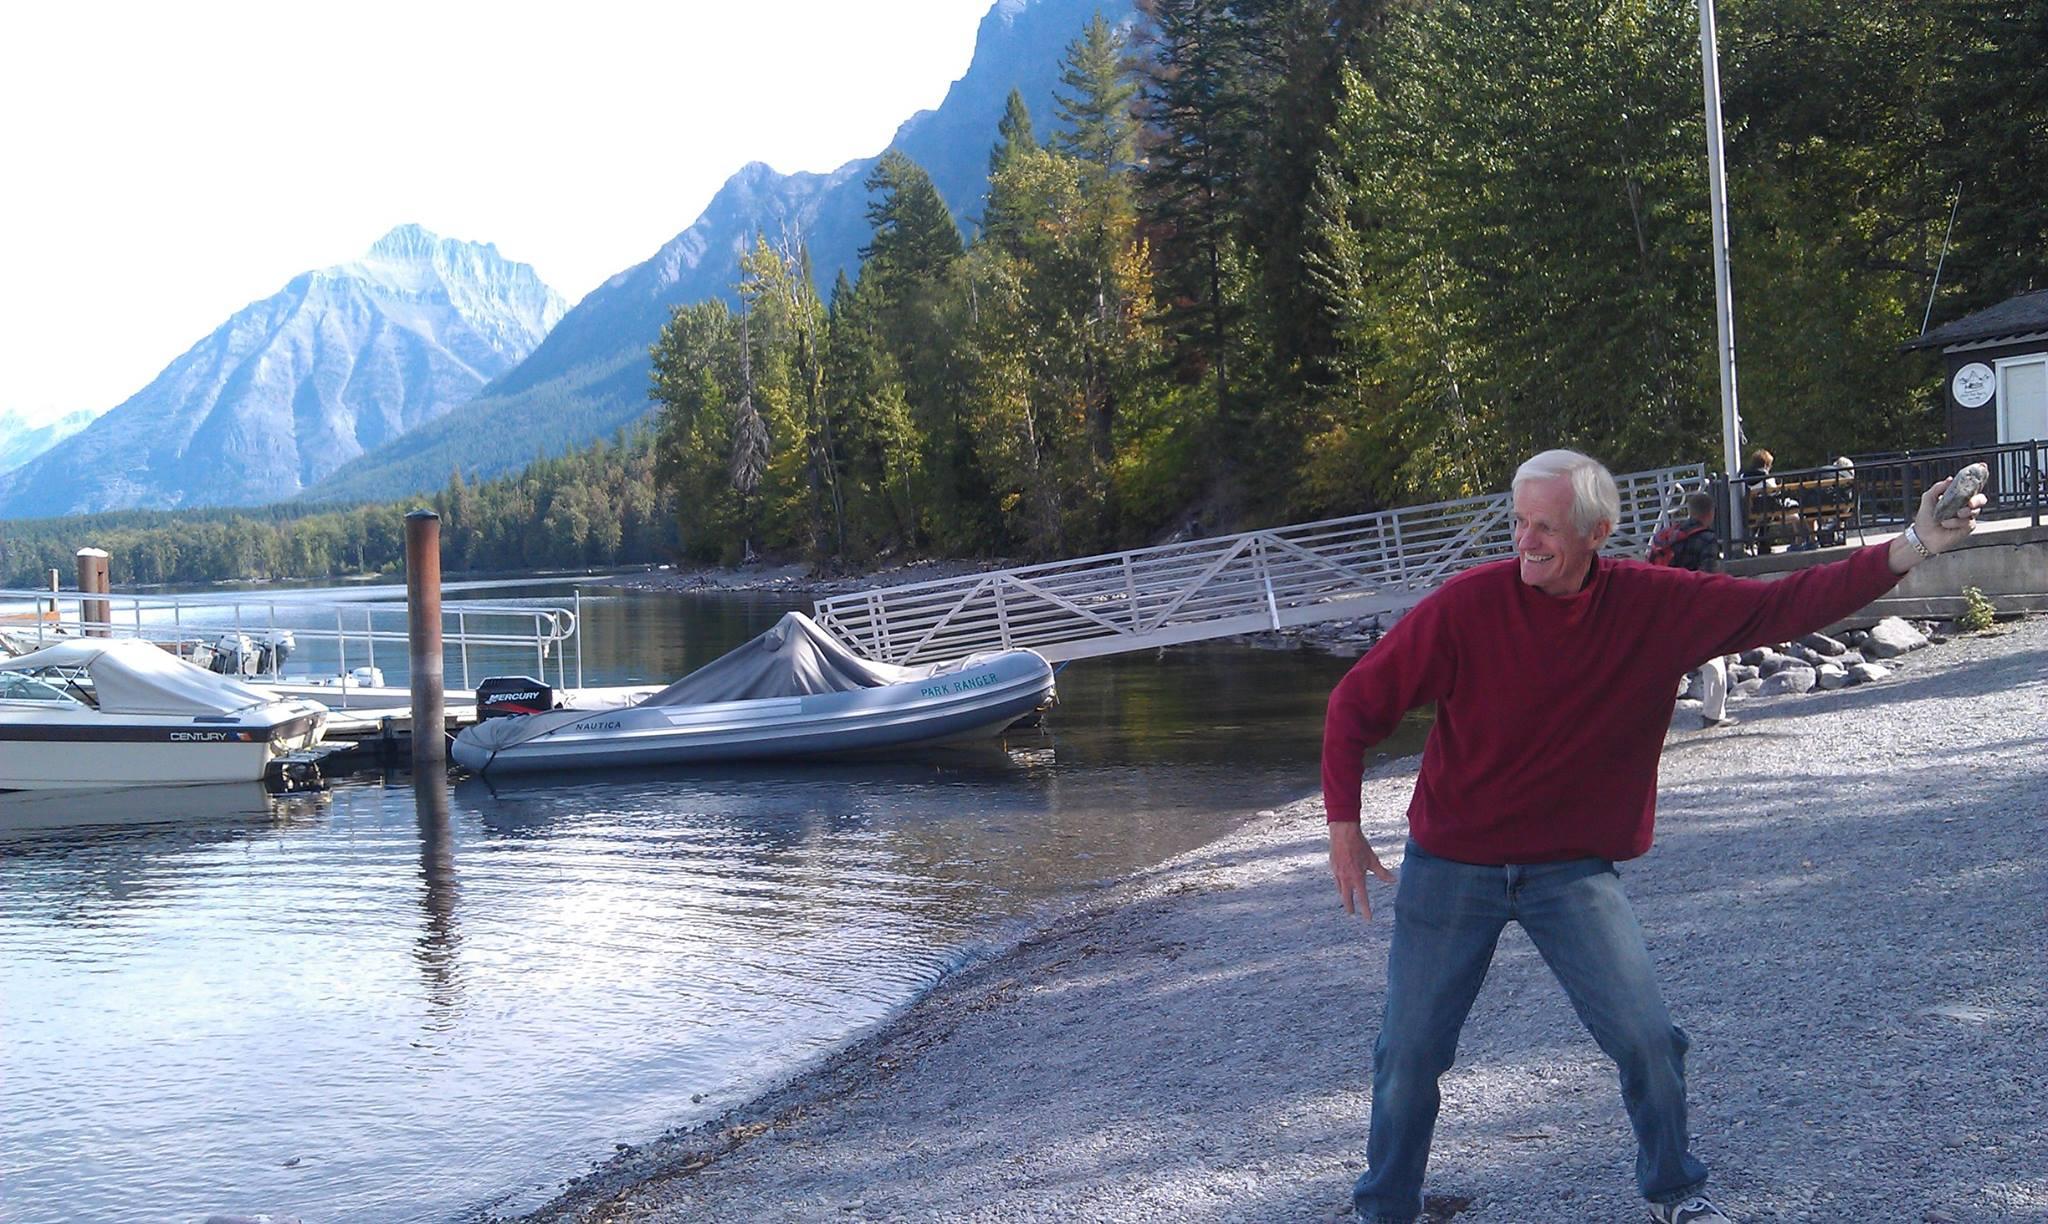 dad skipping rocks.jpg